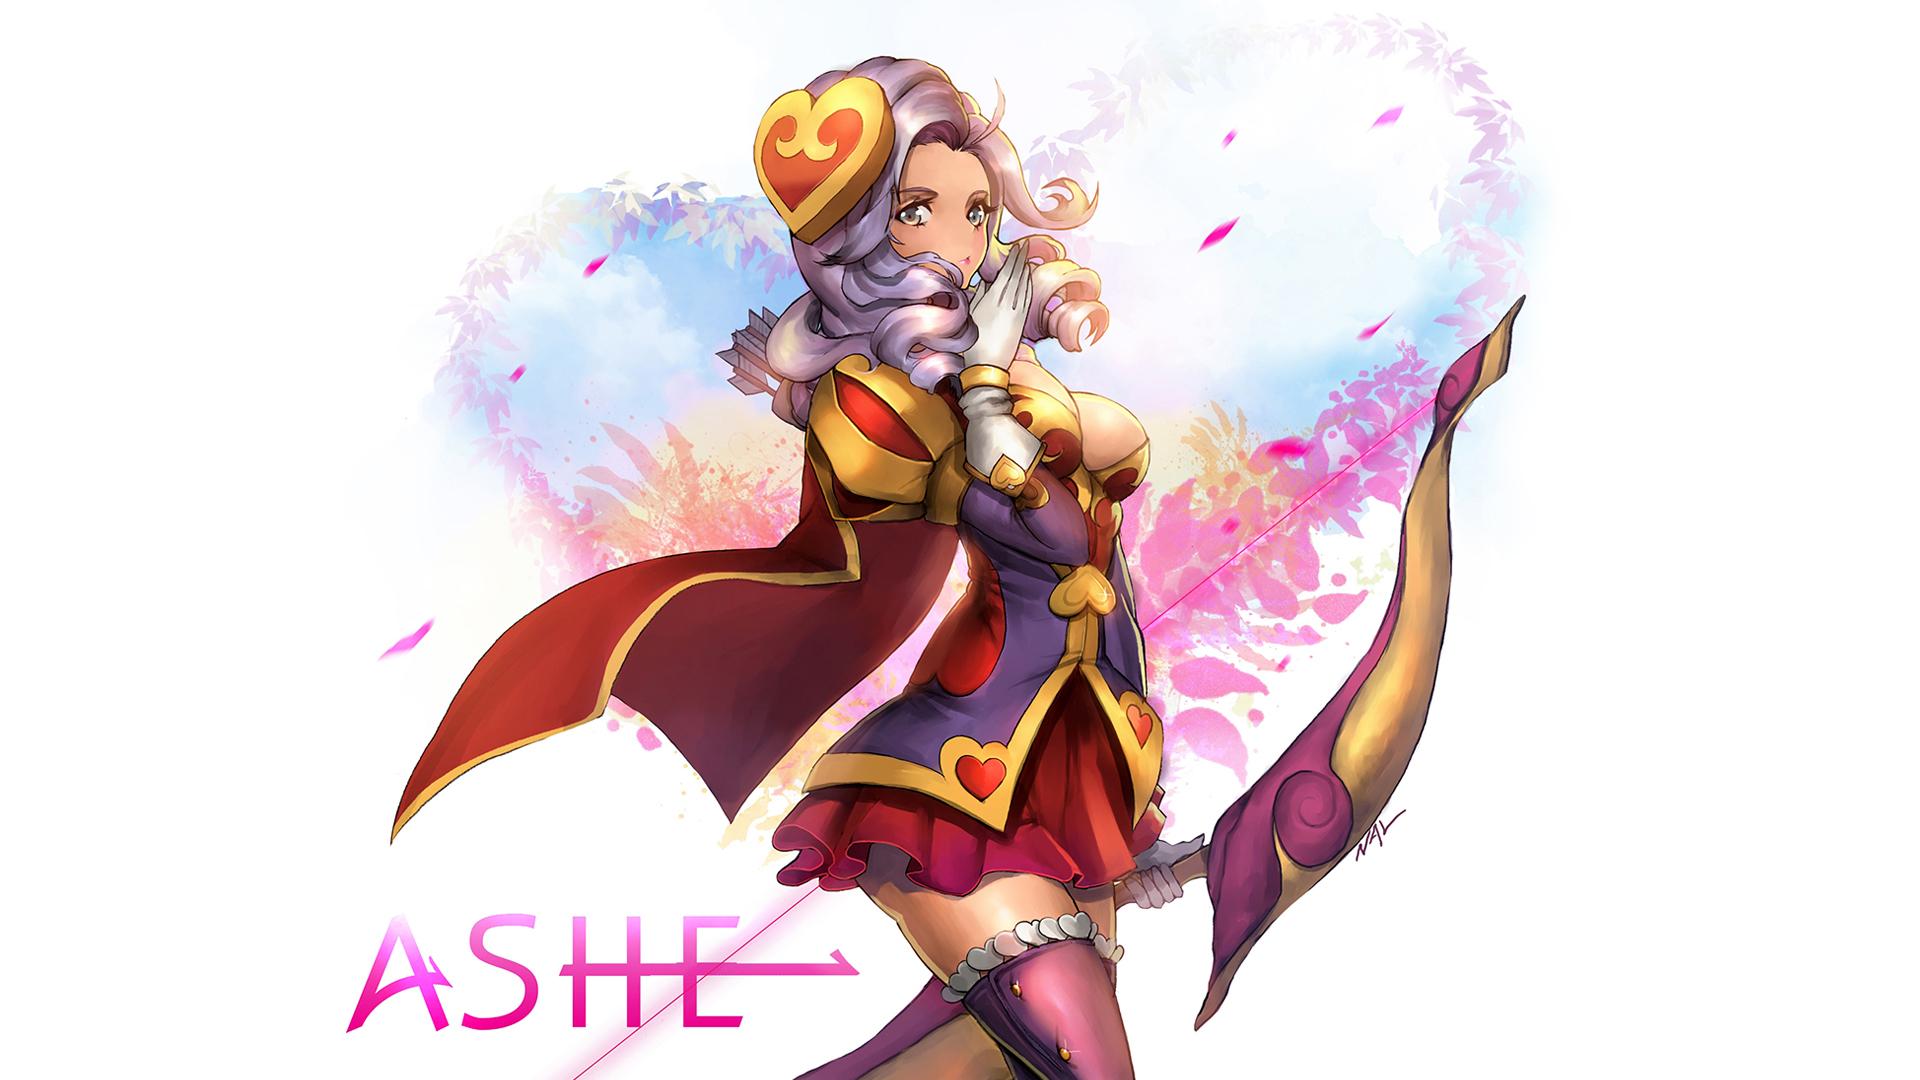 Heartseeker Ashe Art 1080p 3f Wallpaper HD